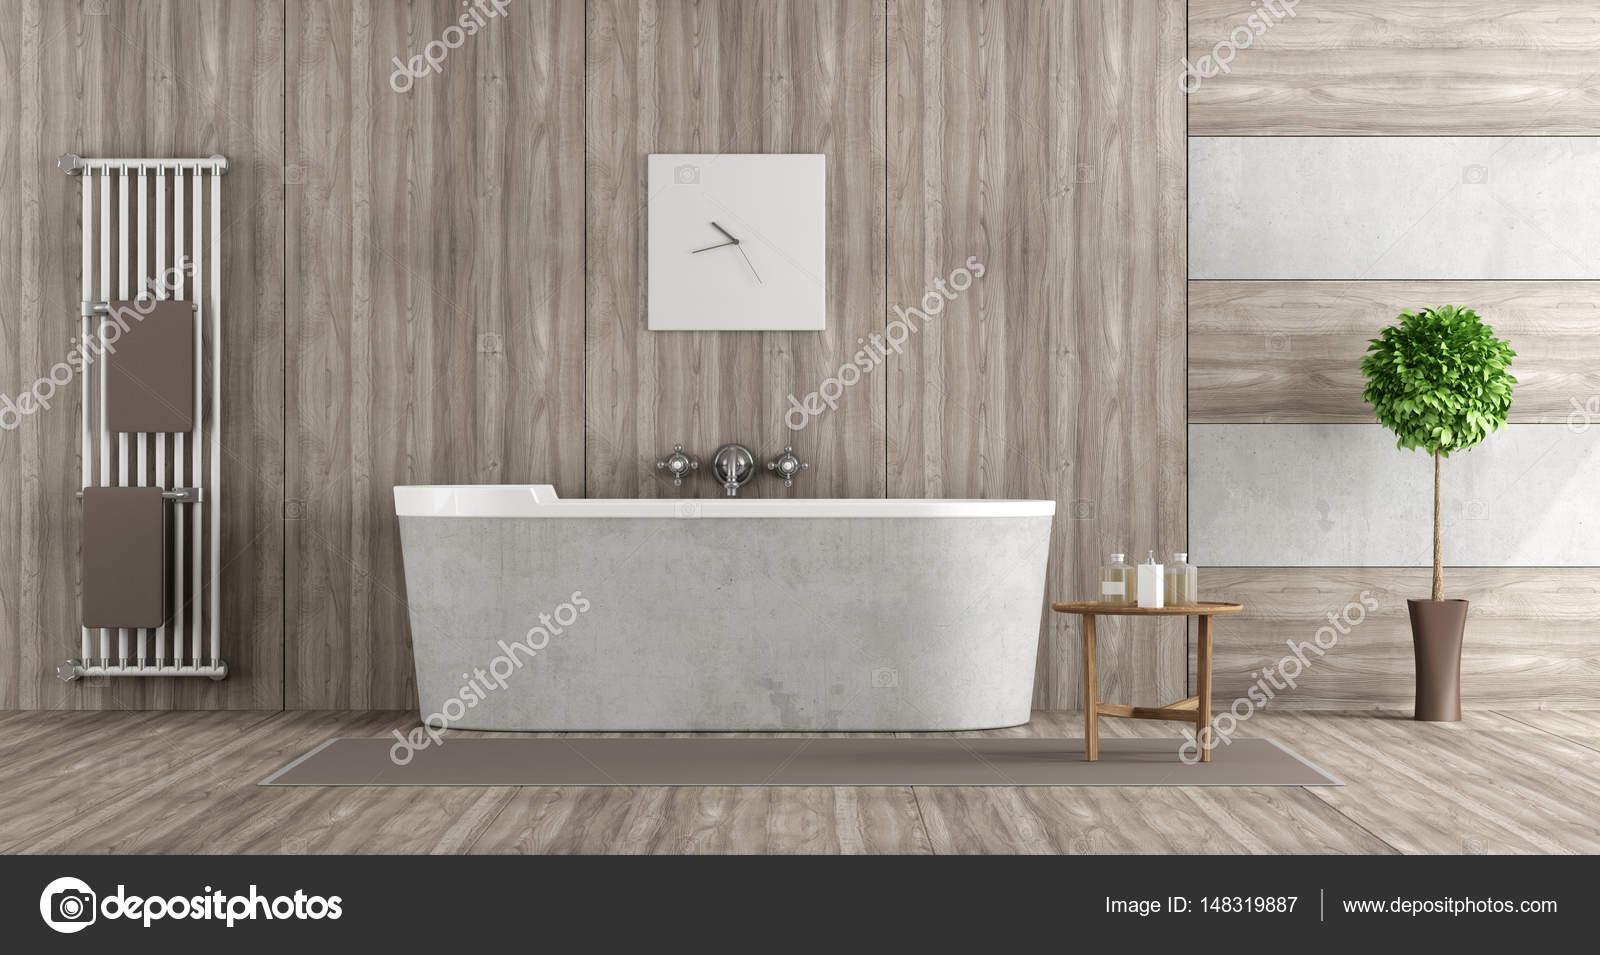 Vasca Da Bagno In Cemento : Vasca lavatoio in cemento vasche recupero acqua piovana